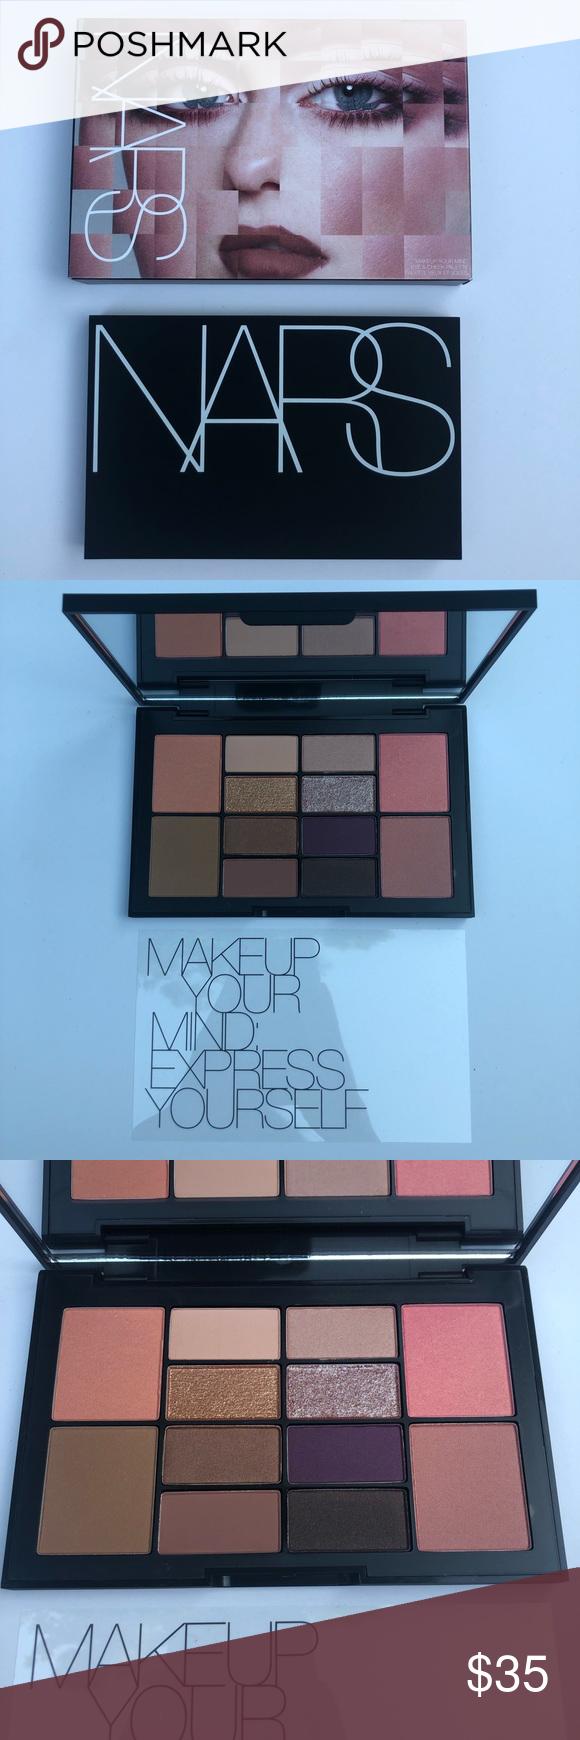 Nars Makeup Your Mind Face Pallete NARS Makeup Your Mind